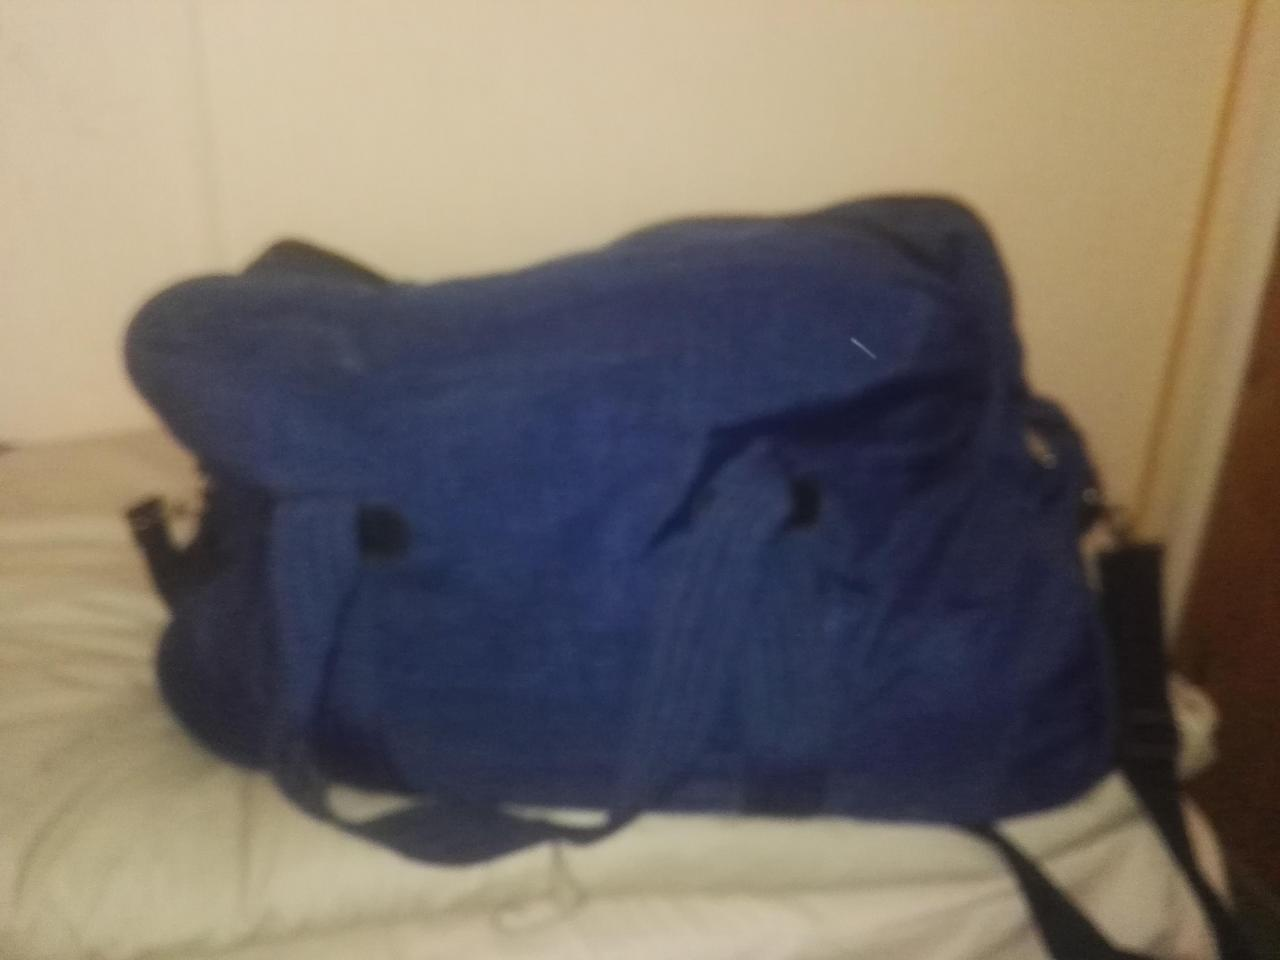 Дорожная сумка- ручная кладь,2 рабочие сапоги, спальный мешок, постельный комплект - 6